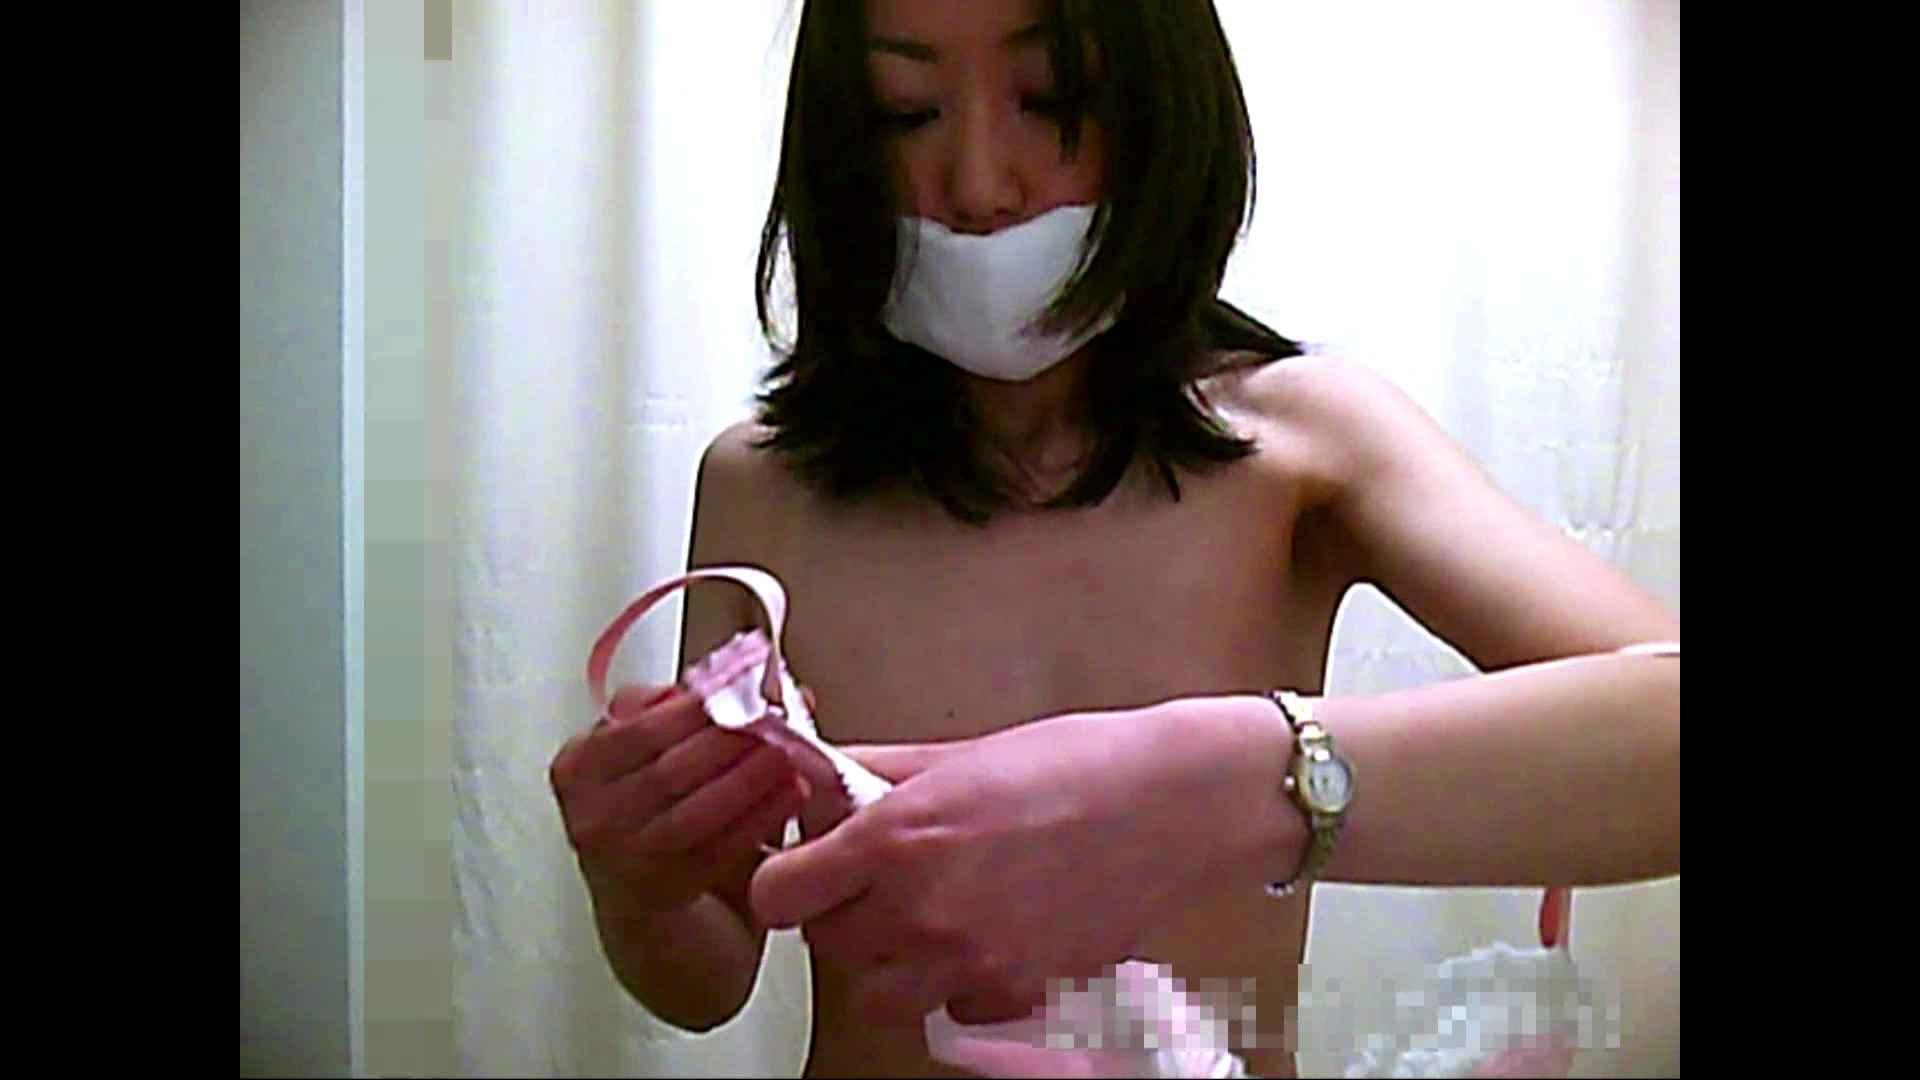 元医者による反抗 更衣室地獄絵巻 vol.267 OLハメ撮り  81Pix 10